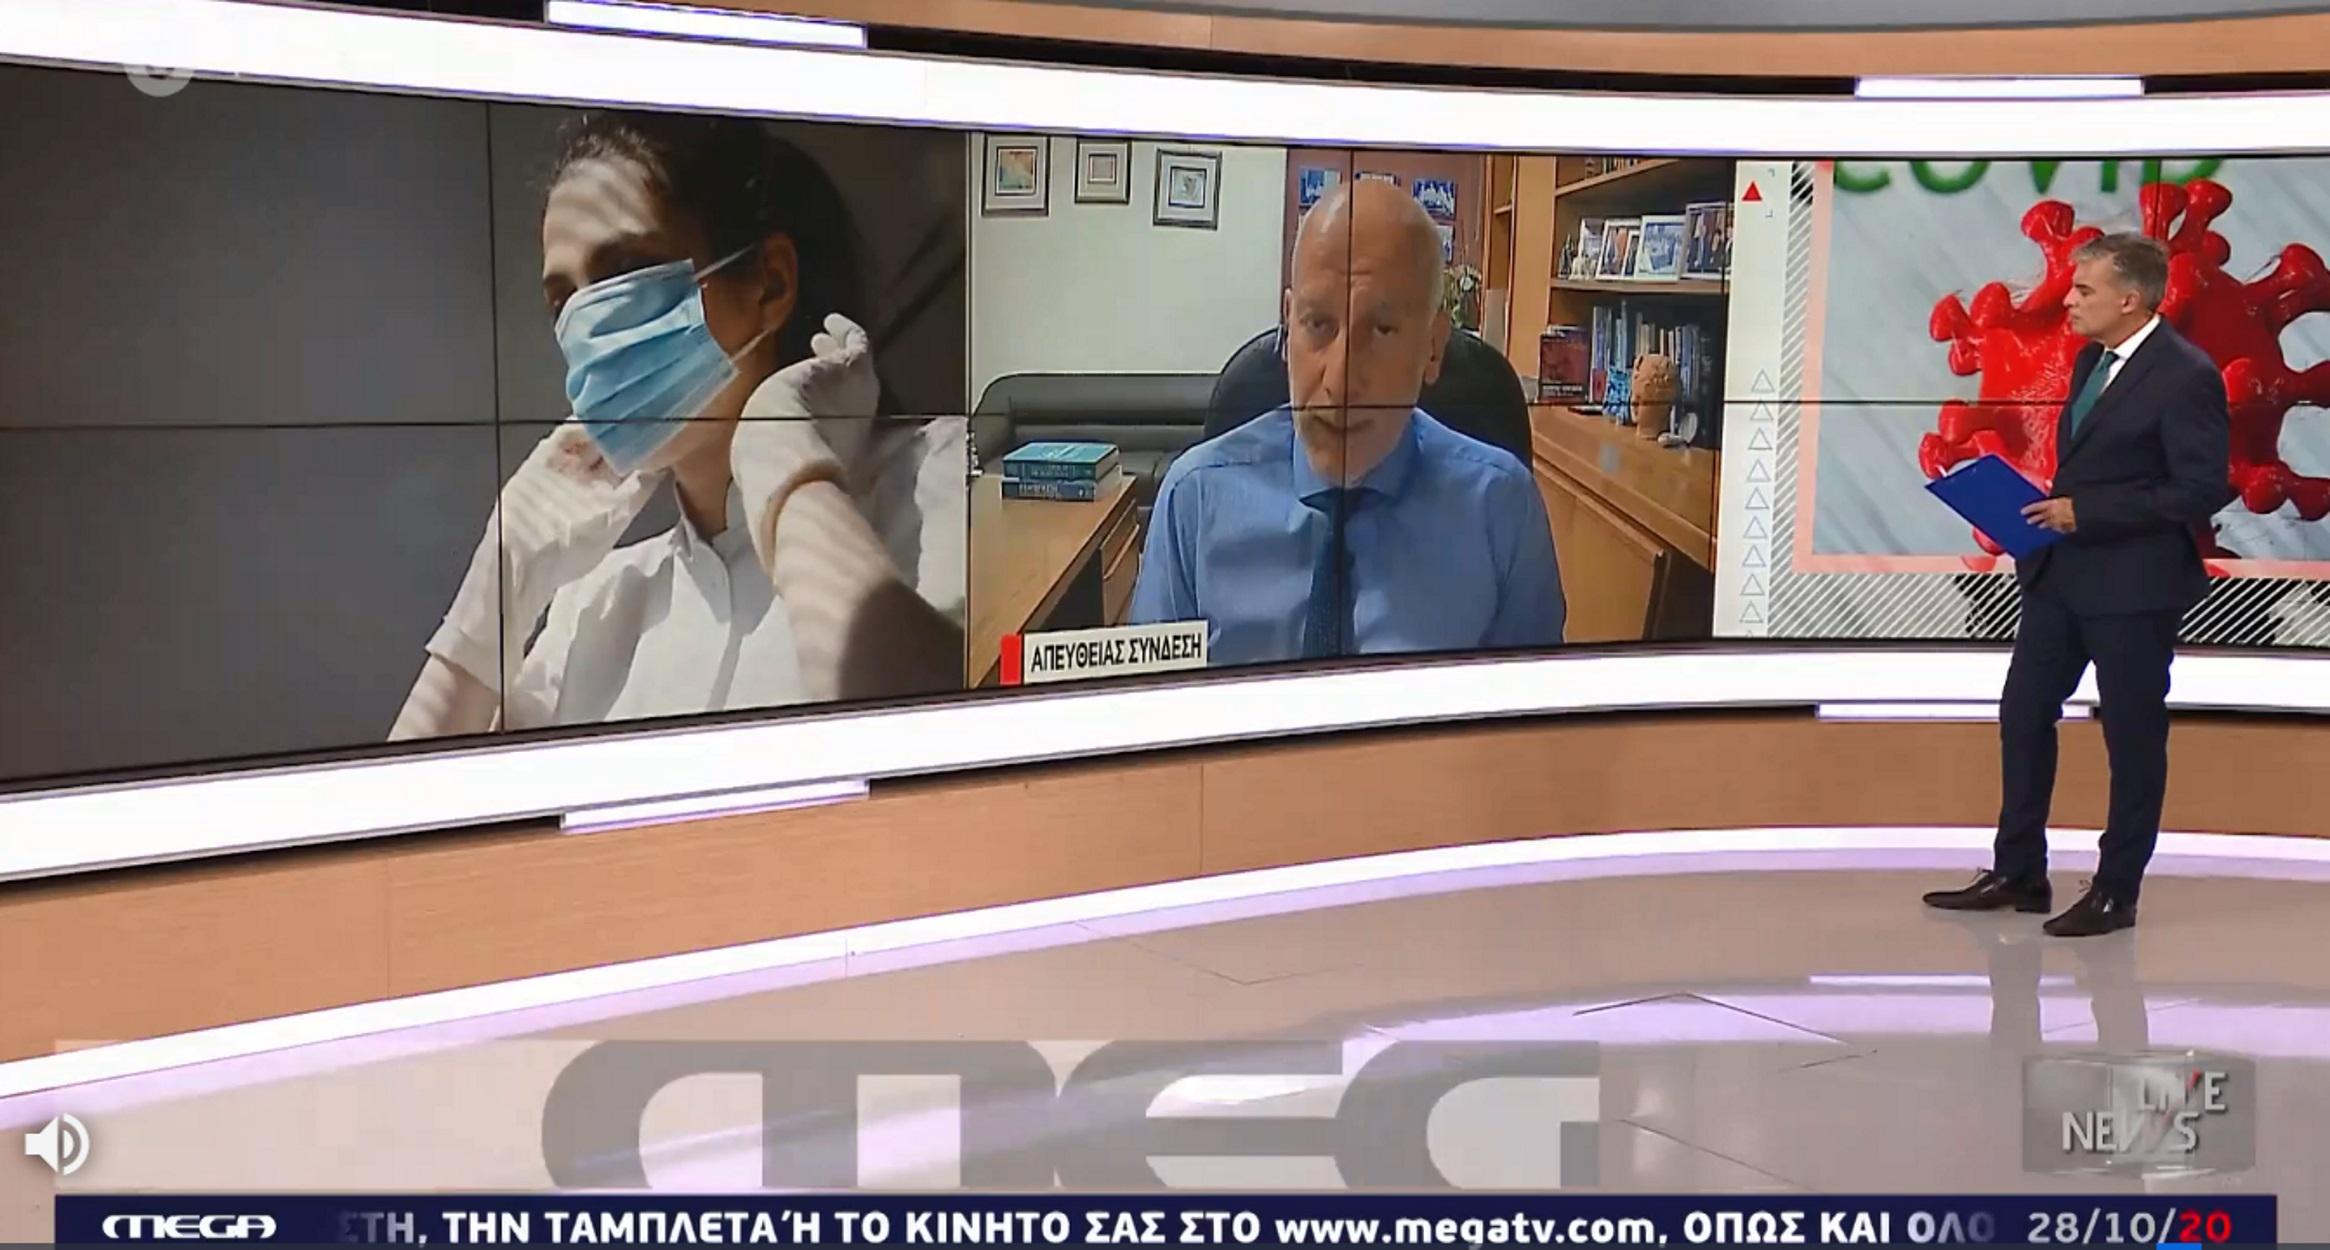 Τσακρής στο Live News: Τώρα αρχίζει το πραγματικό κύμα του κορονοϊού – Εφιαλτική εκτίμηση για 14000 νεκρούς! (video)